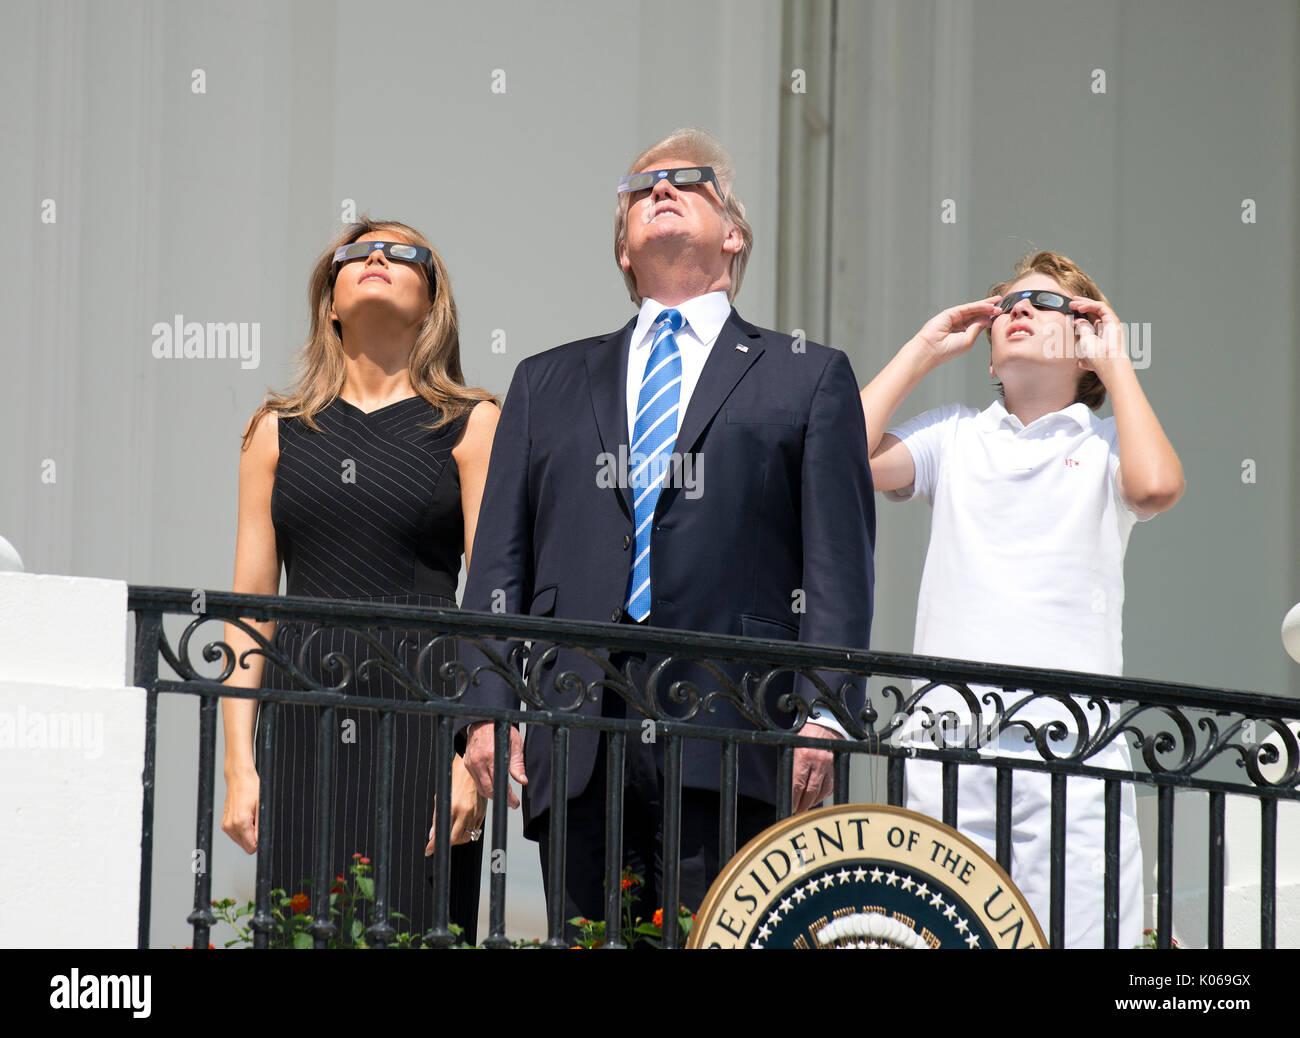 Präsidenten der Vereinigten Staaten Donald J. Trumpf, Mitte, begleitet von der ersten Dame Melania Trump, Links, Stockfoto